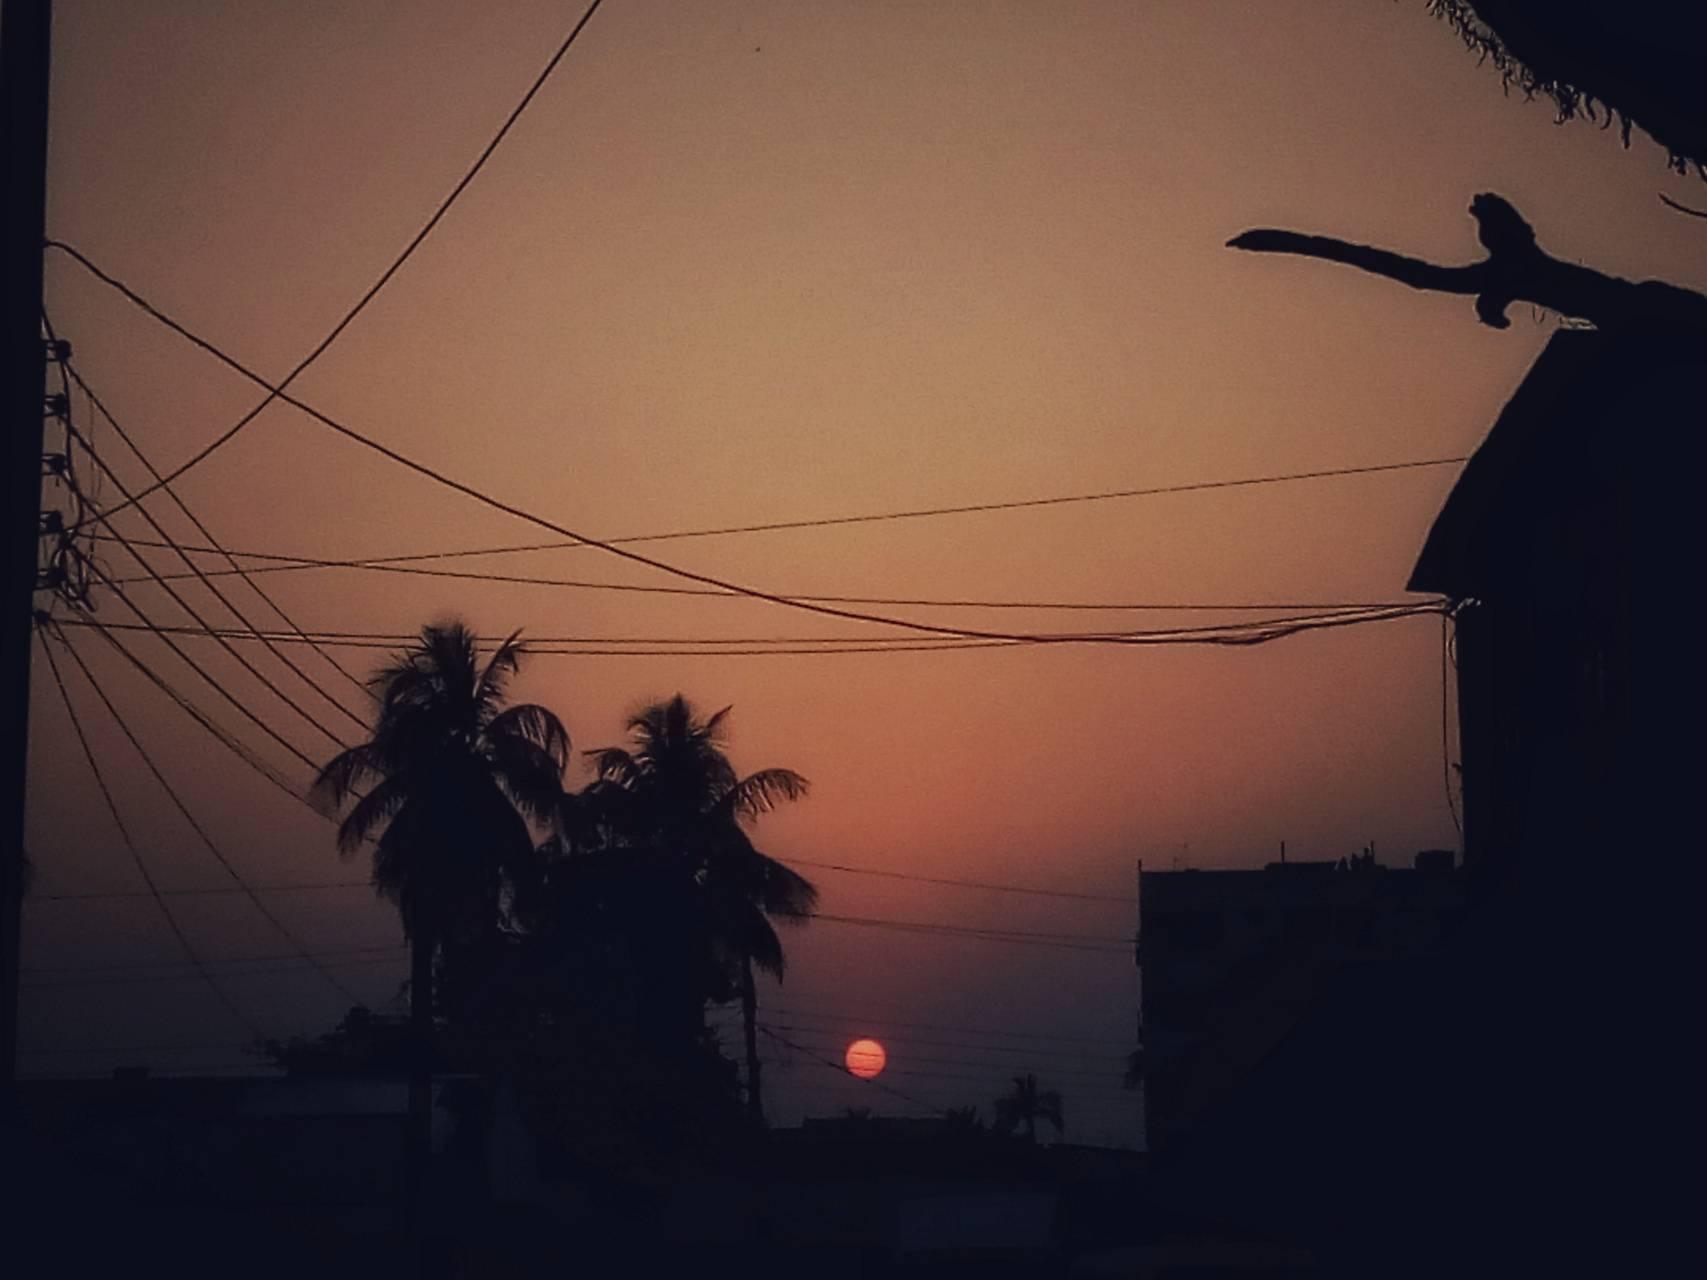 Sun set love